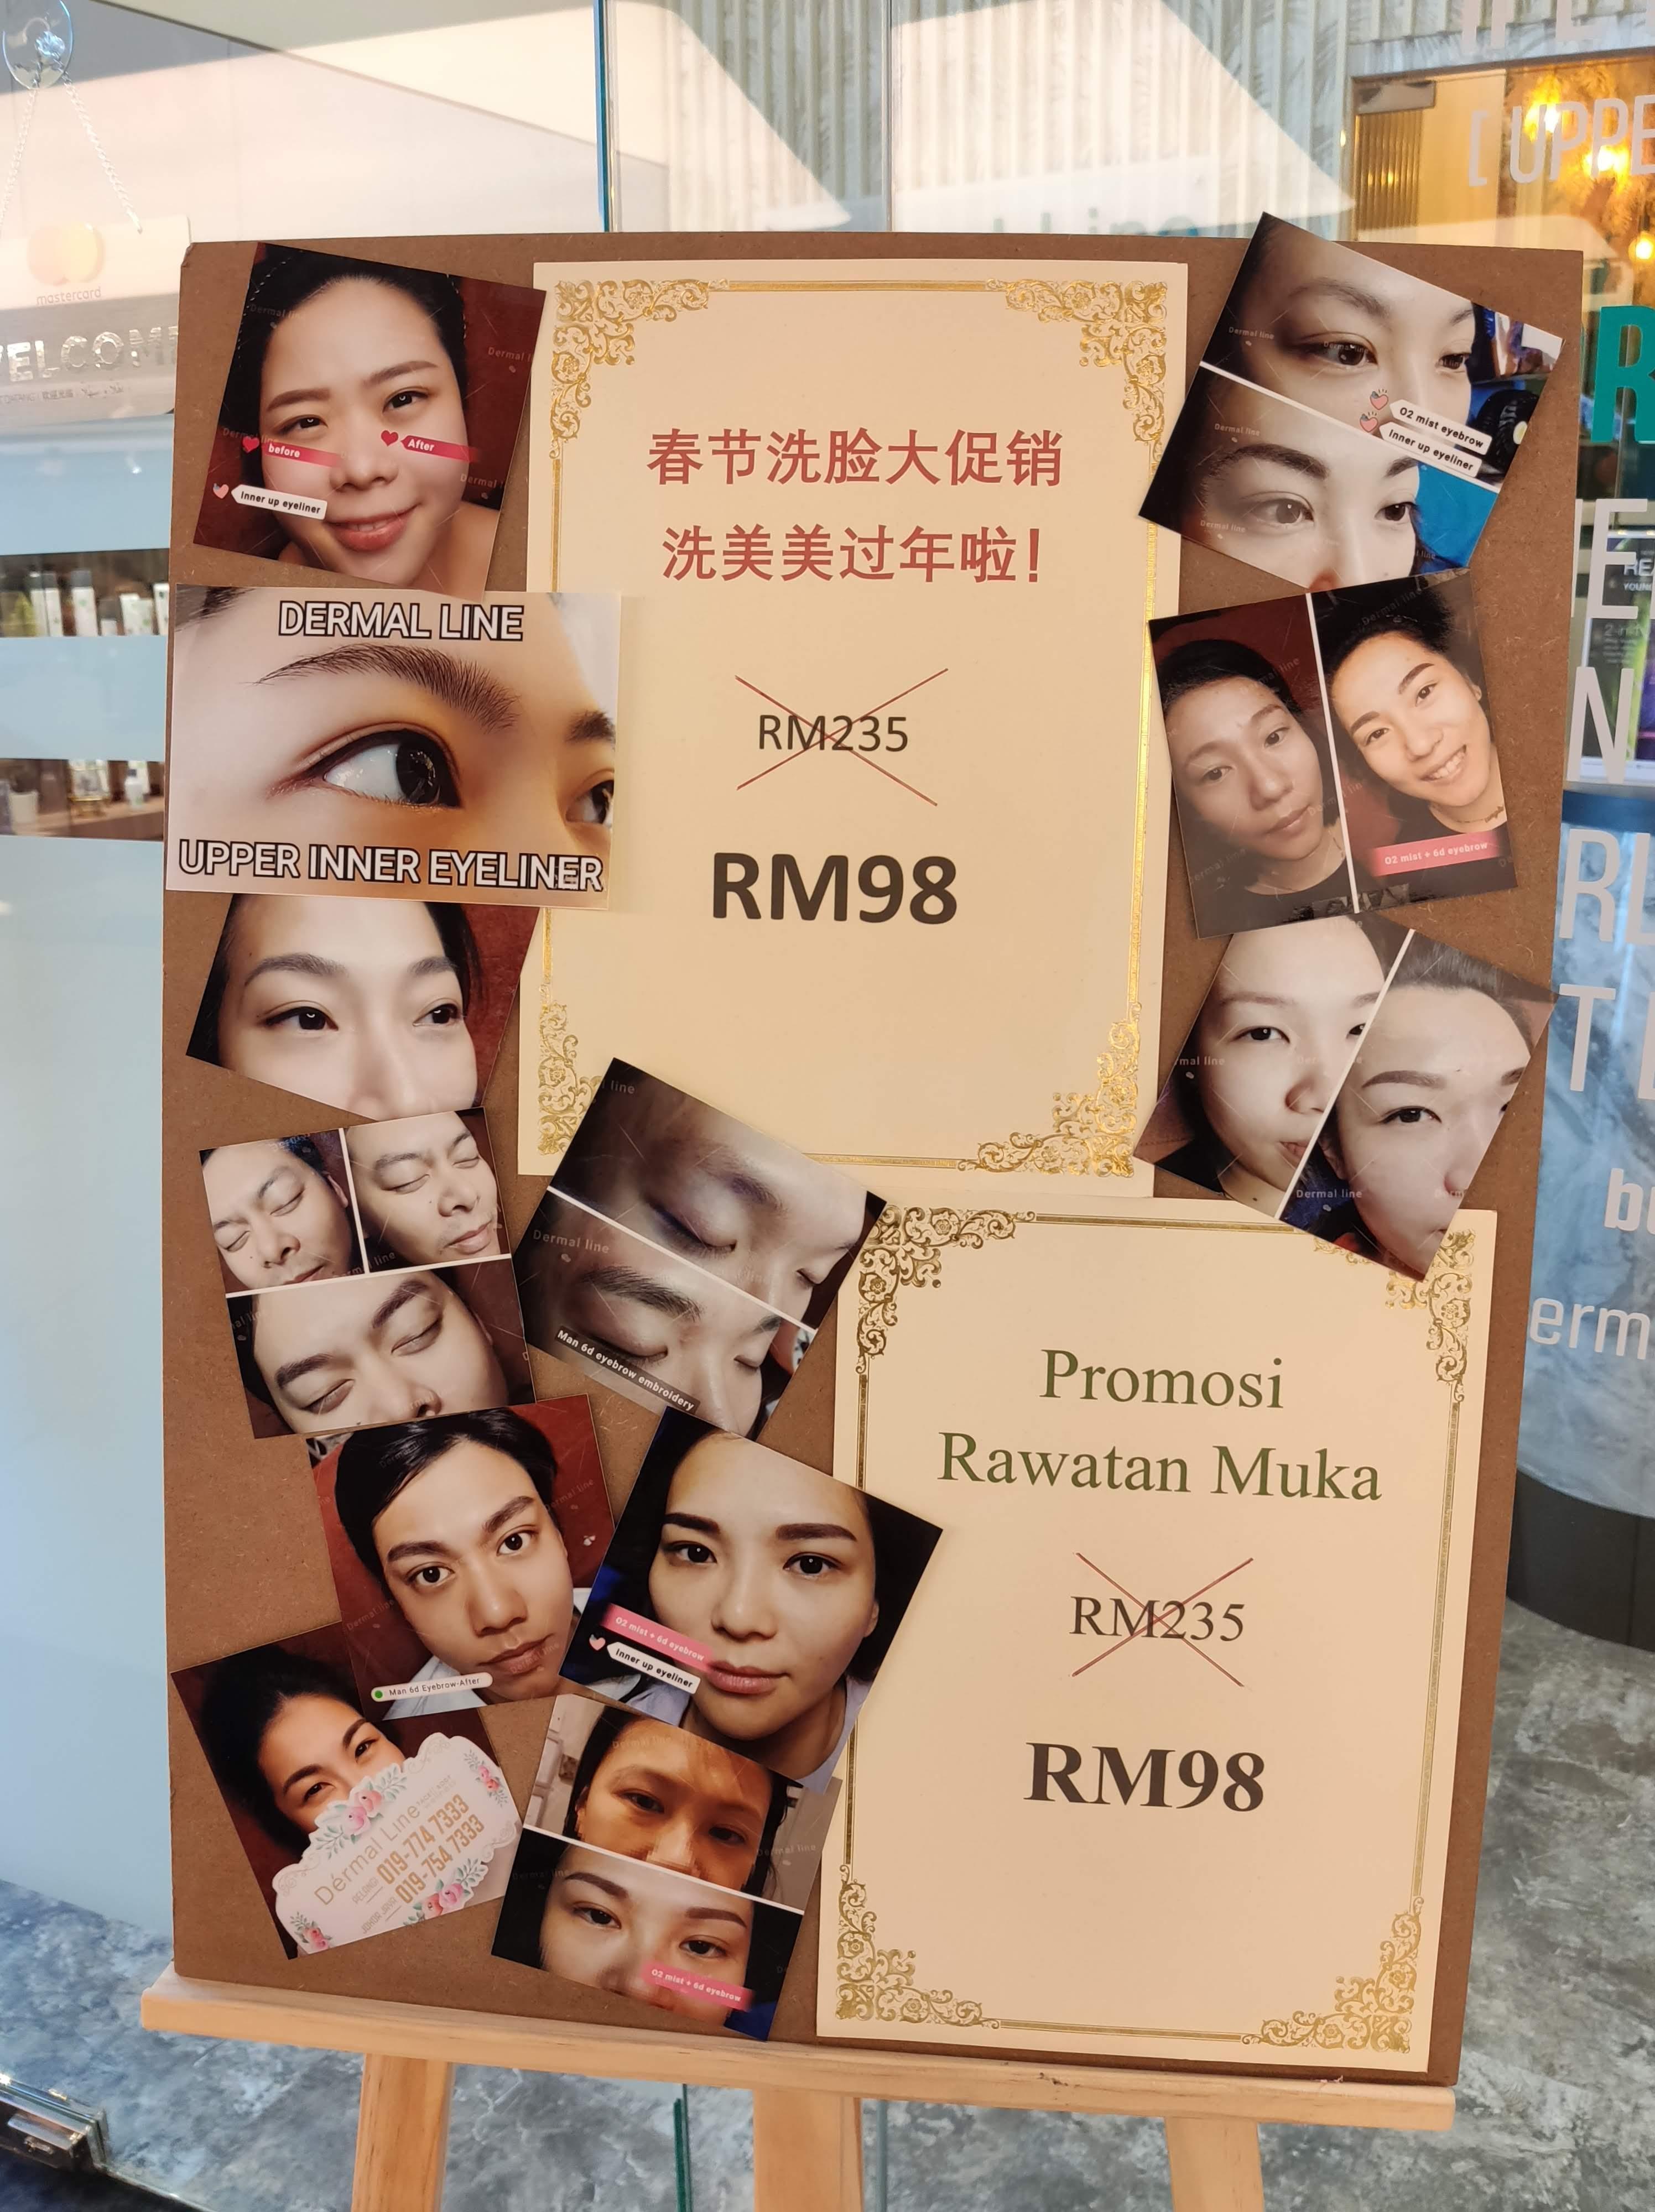 中国語とマレー語表記の看板